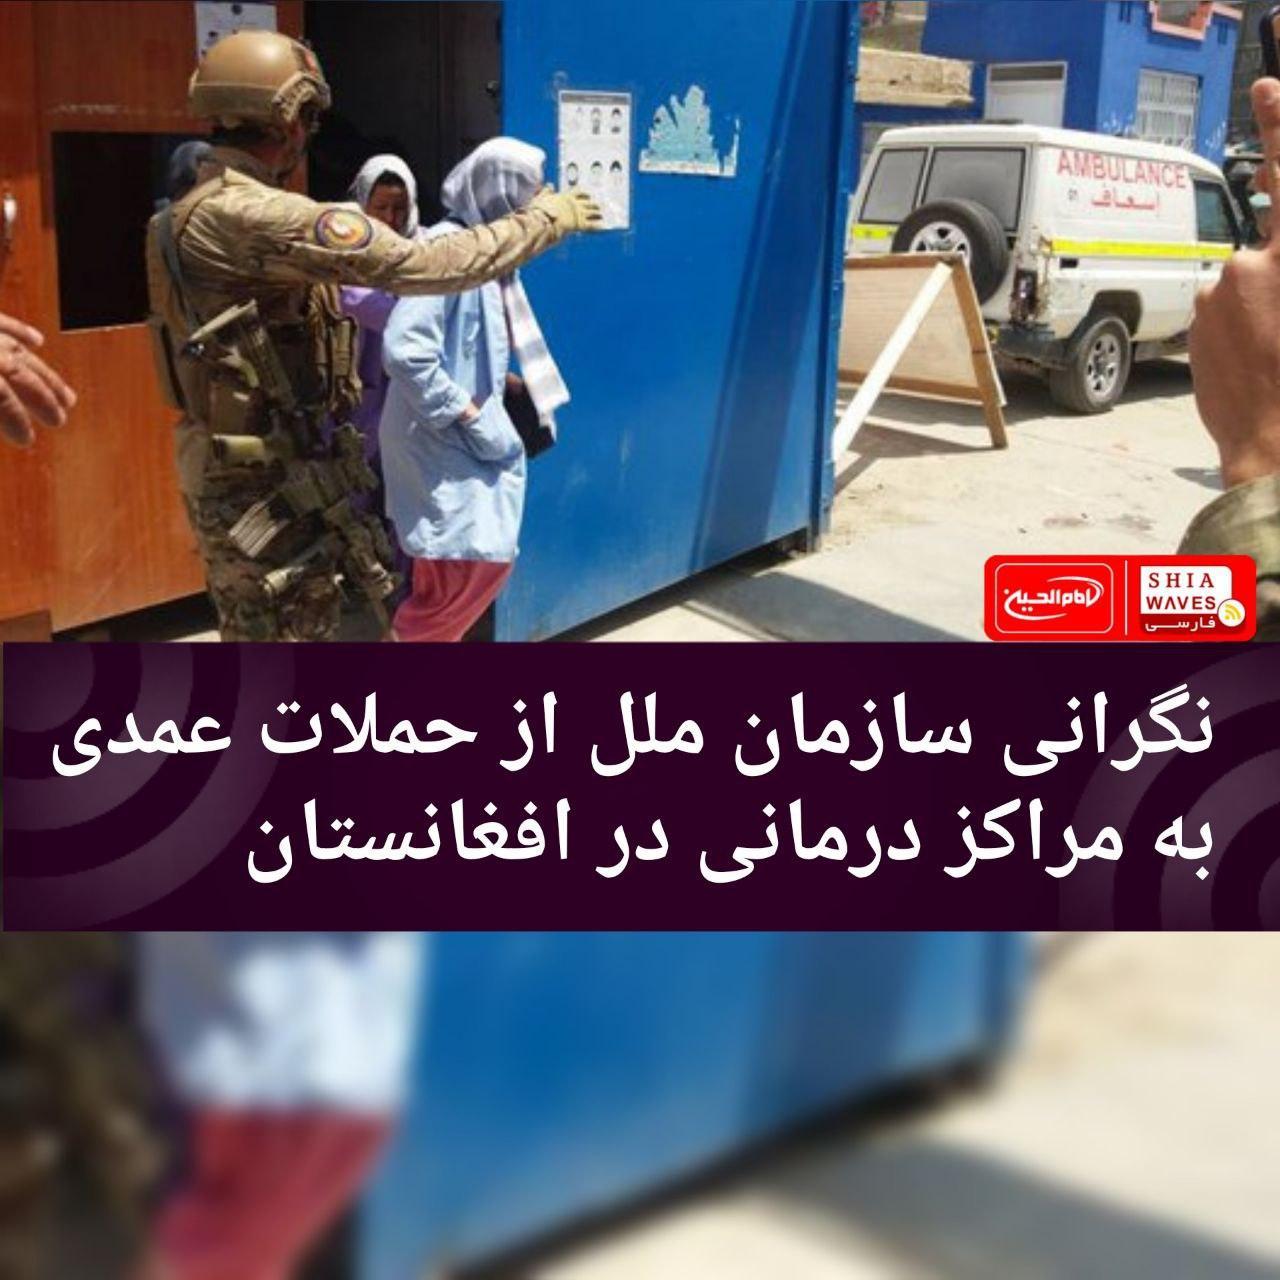 تصویر نگرانی سازمان ملل از حملات عمدی به مراکز درمانی در افغانستان